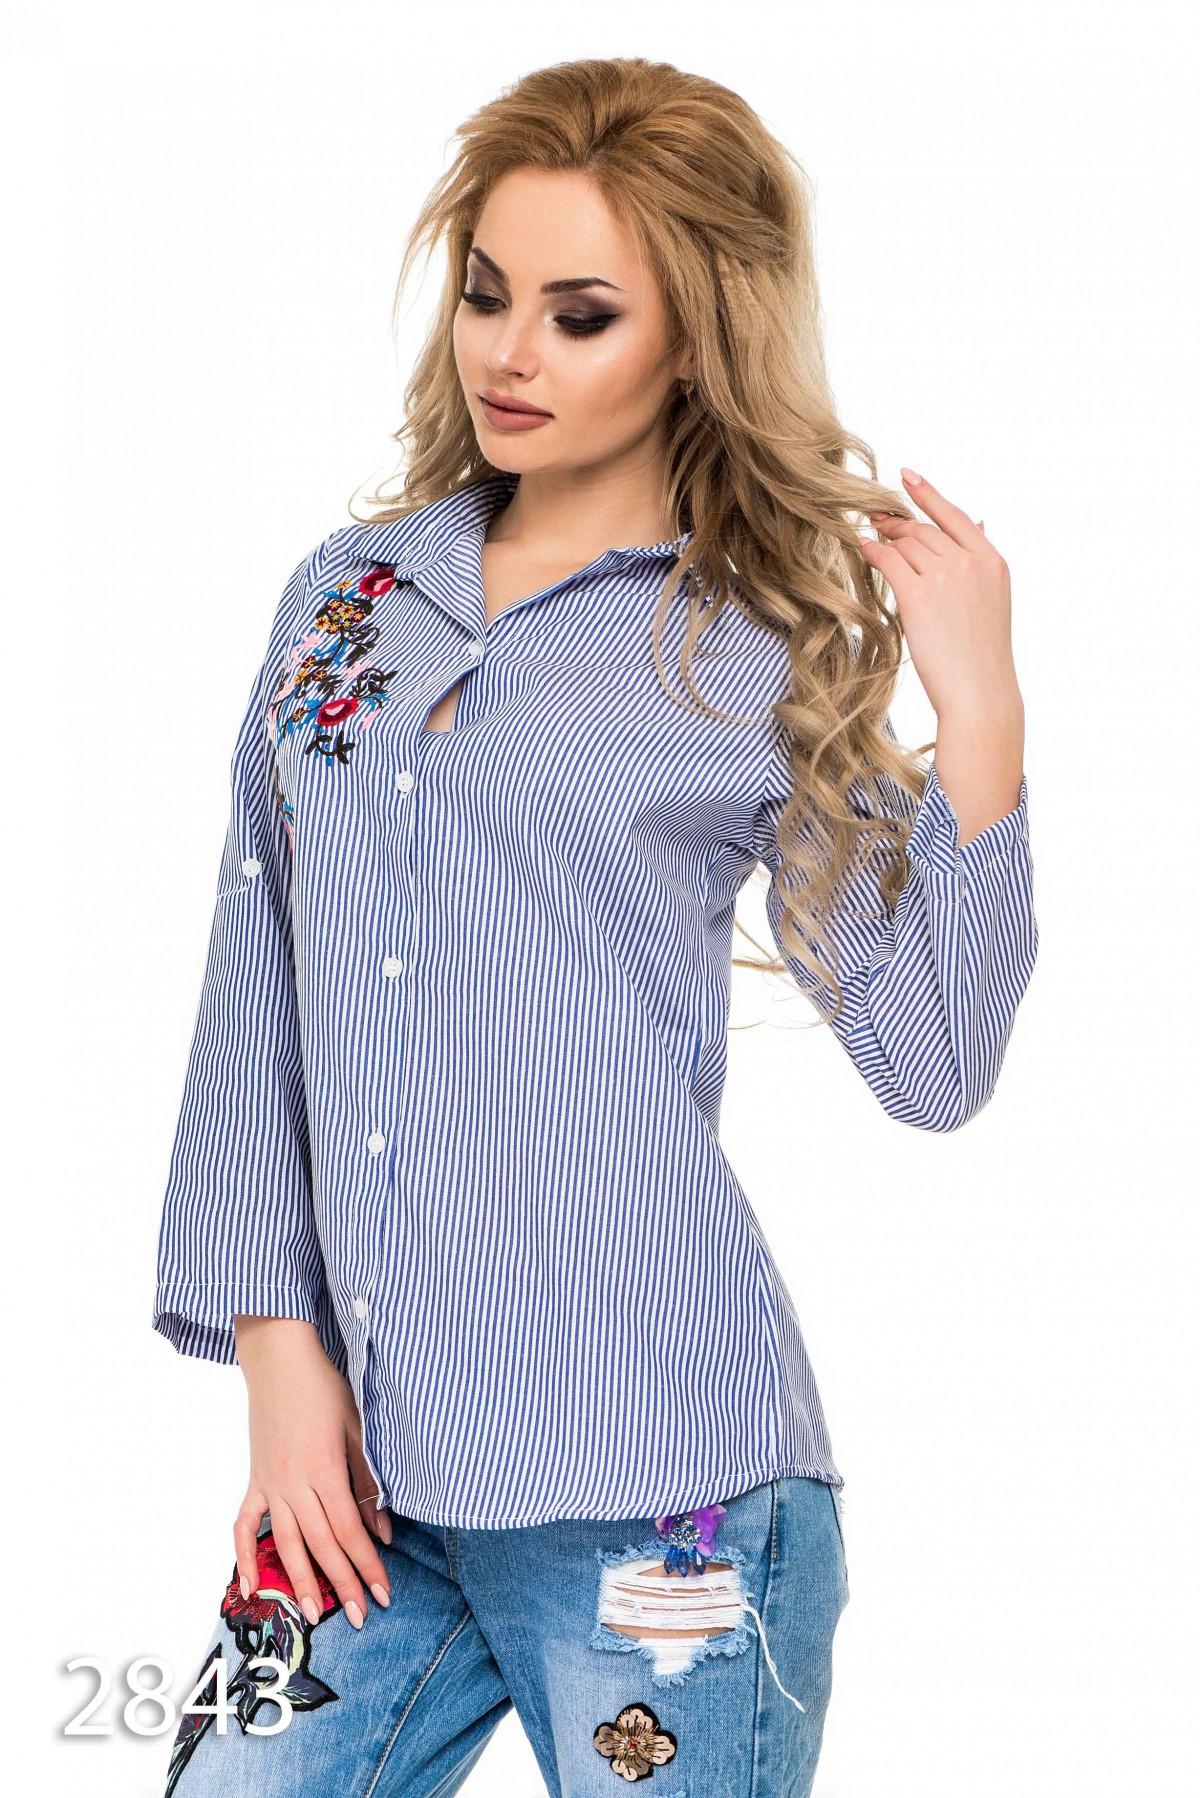 ca2aa84c754 ... 2 Женская свободная рубашка в синюю и белую полоску с вышивкой  243  грн. фото 3 ...